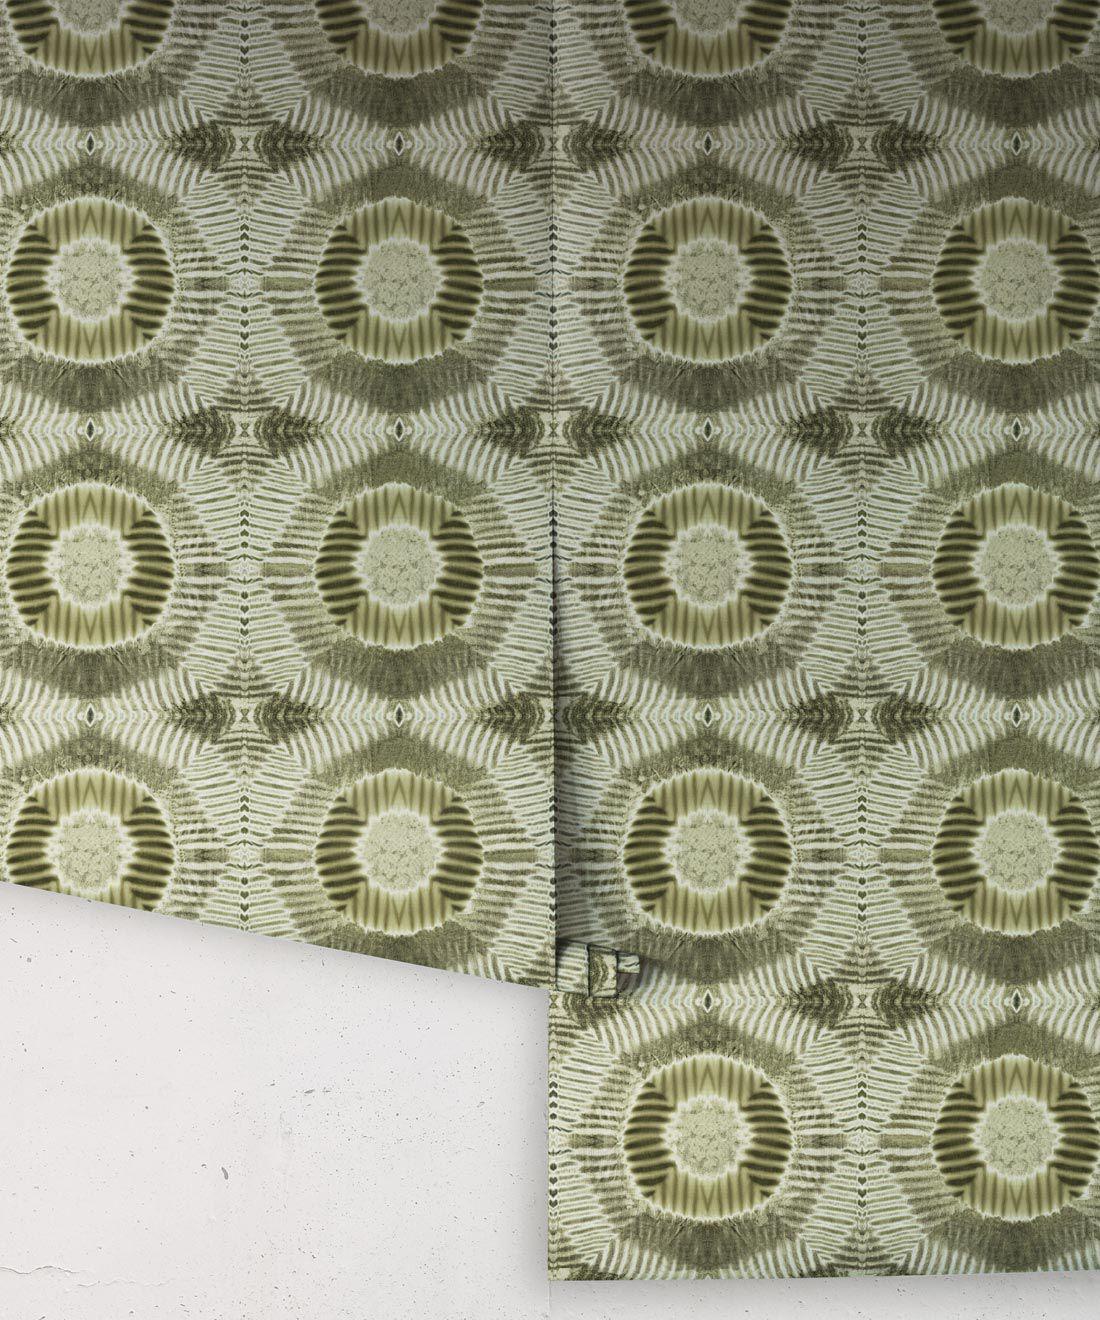 Aztec Suns Wallpaper Olive • Shibori Geometric • Rolls